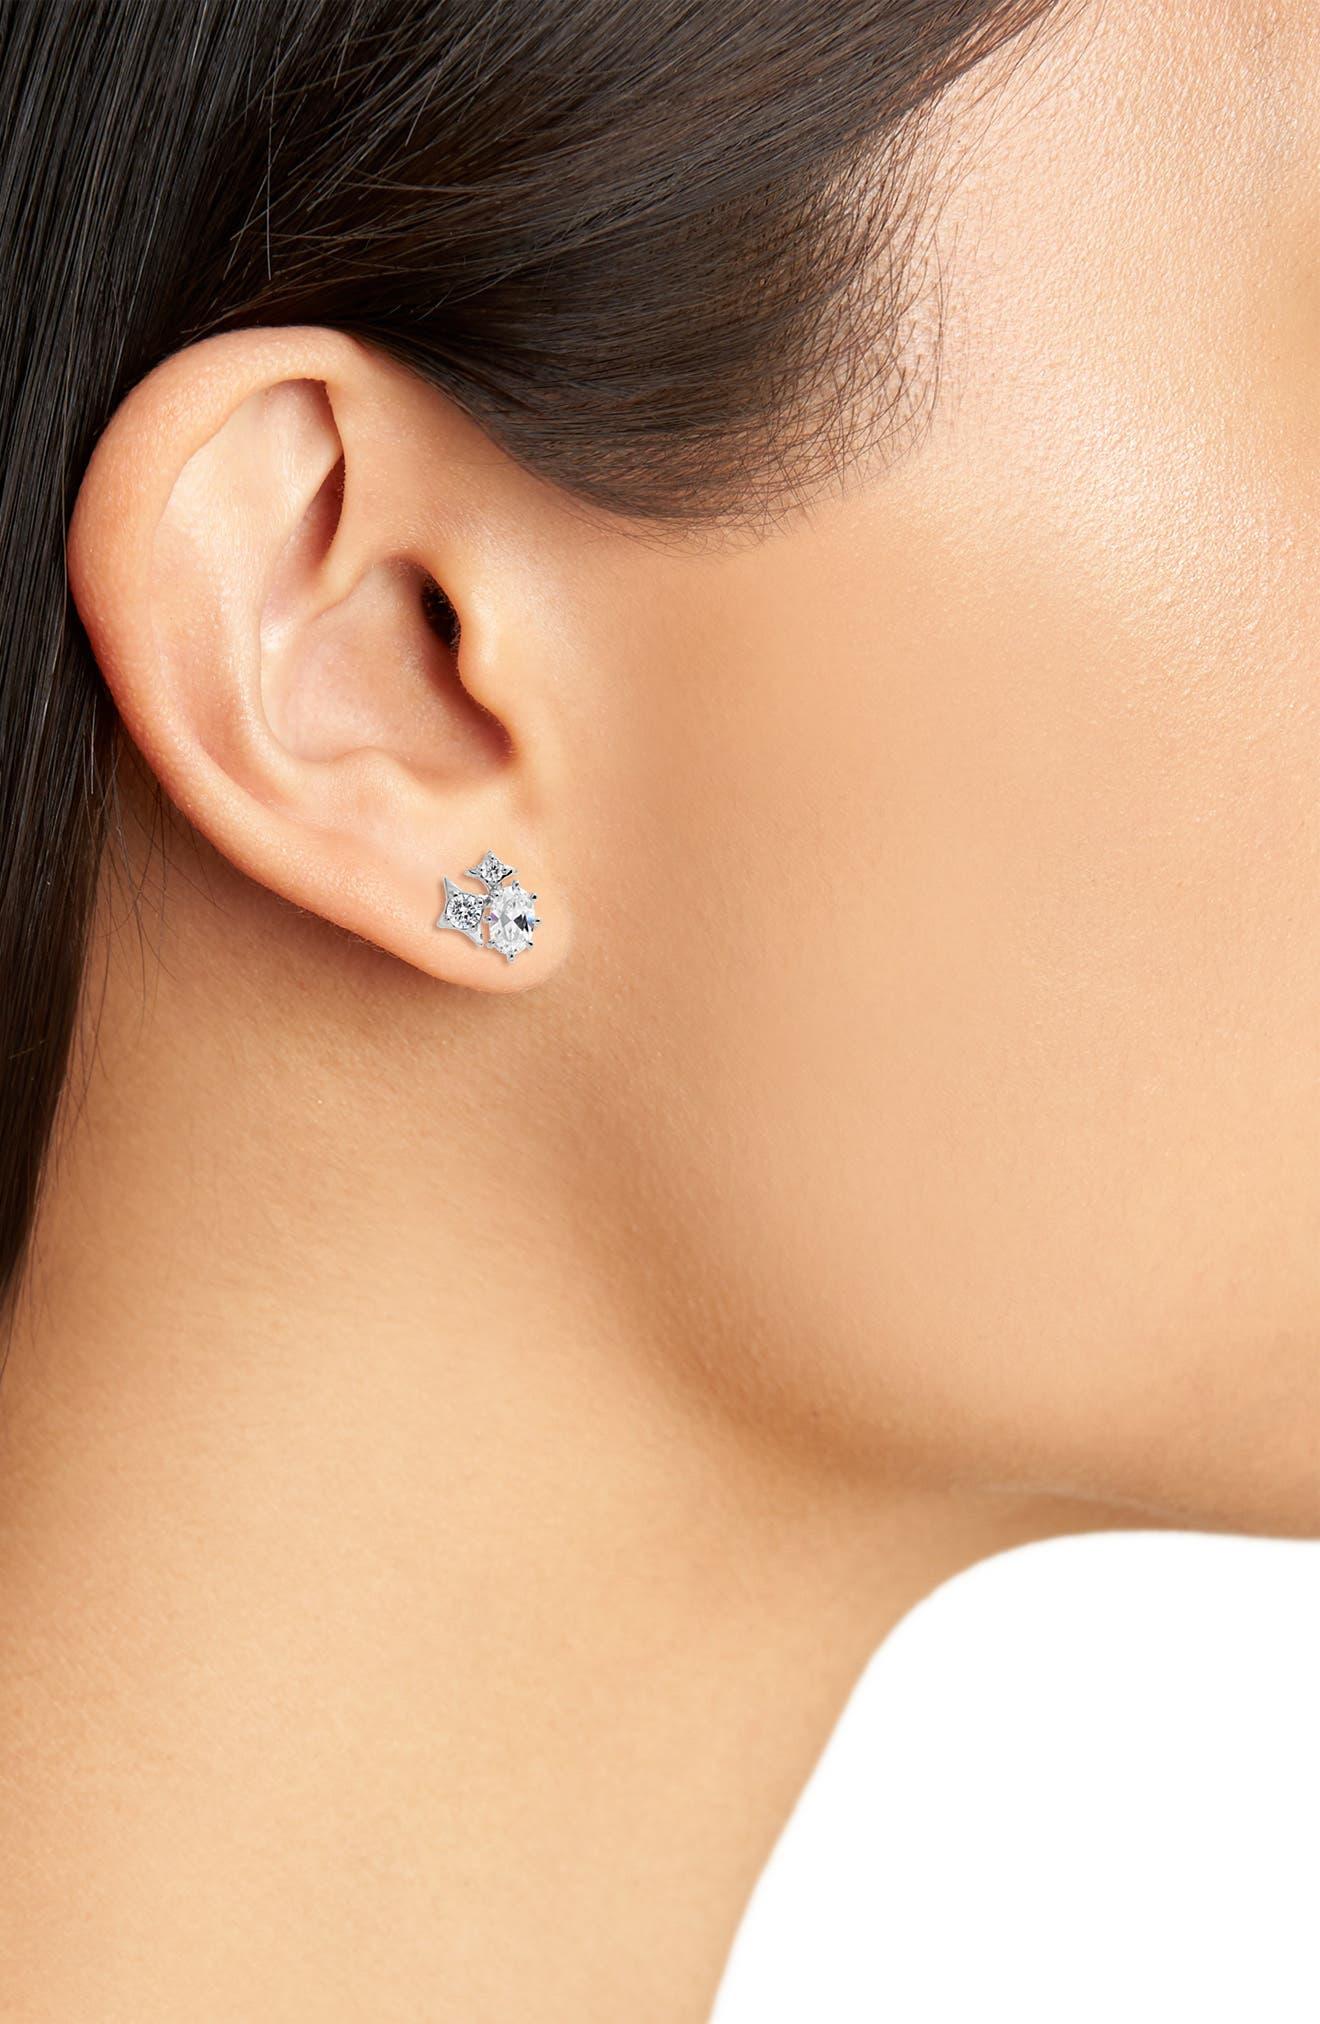 Boho Stud Earrings,                             Alternate thumbnail 4, color,